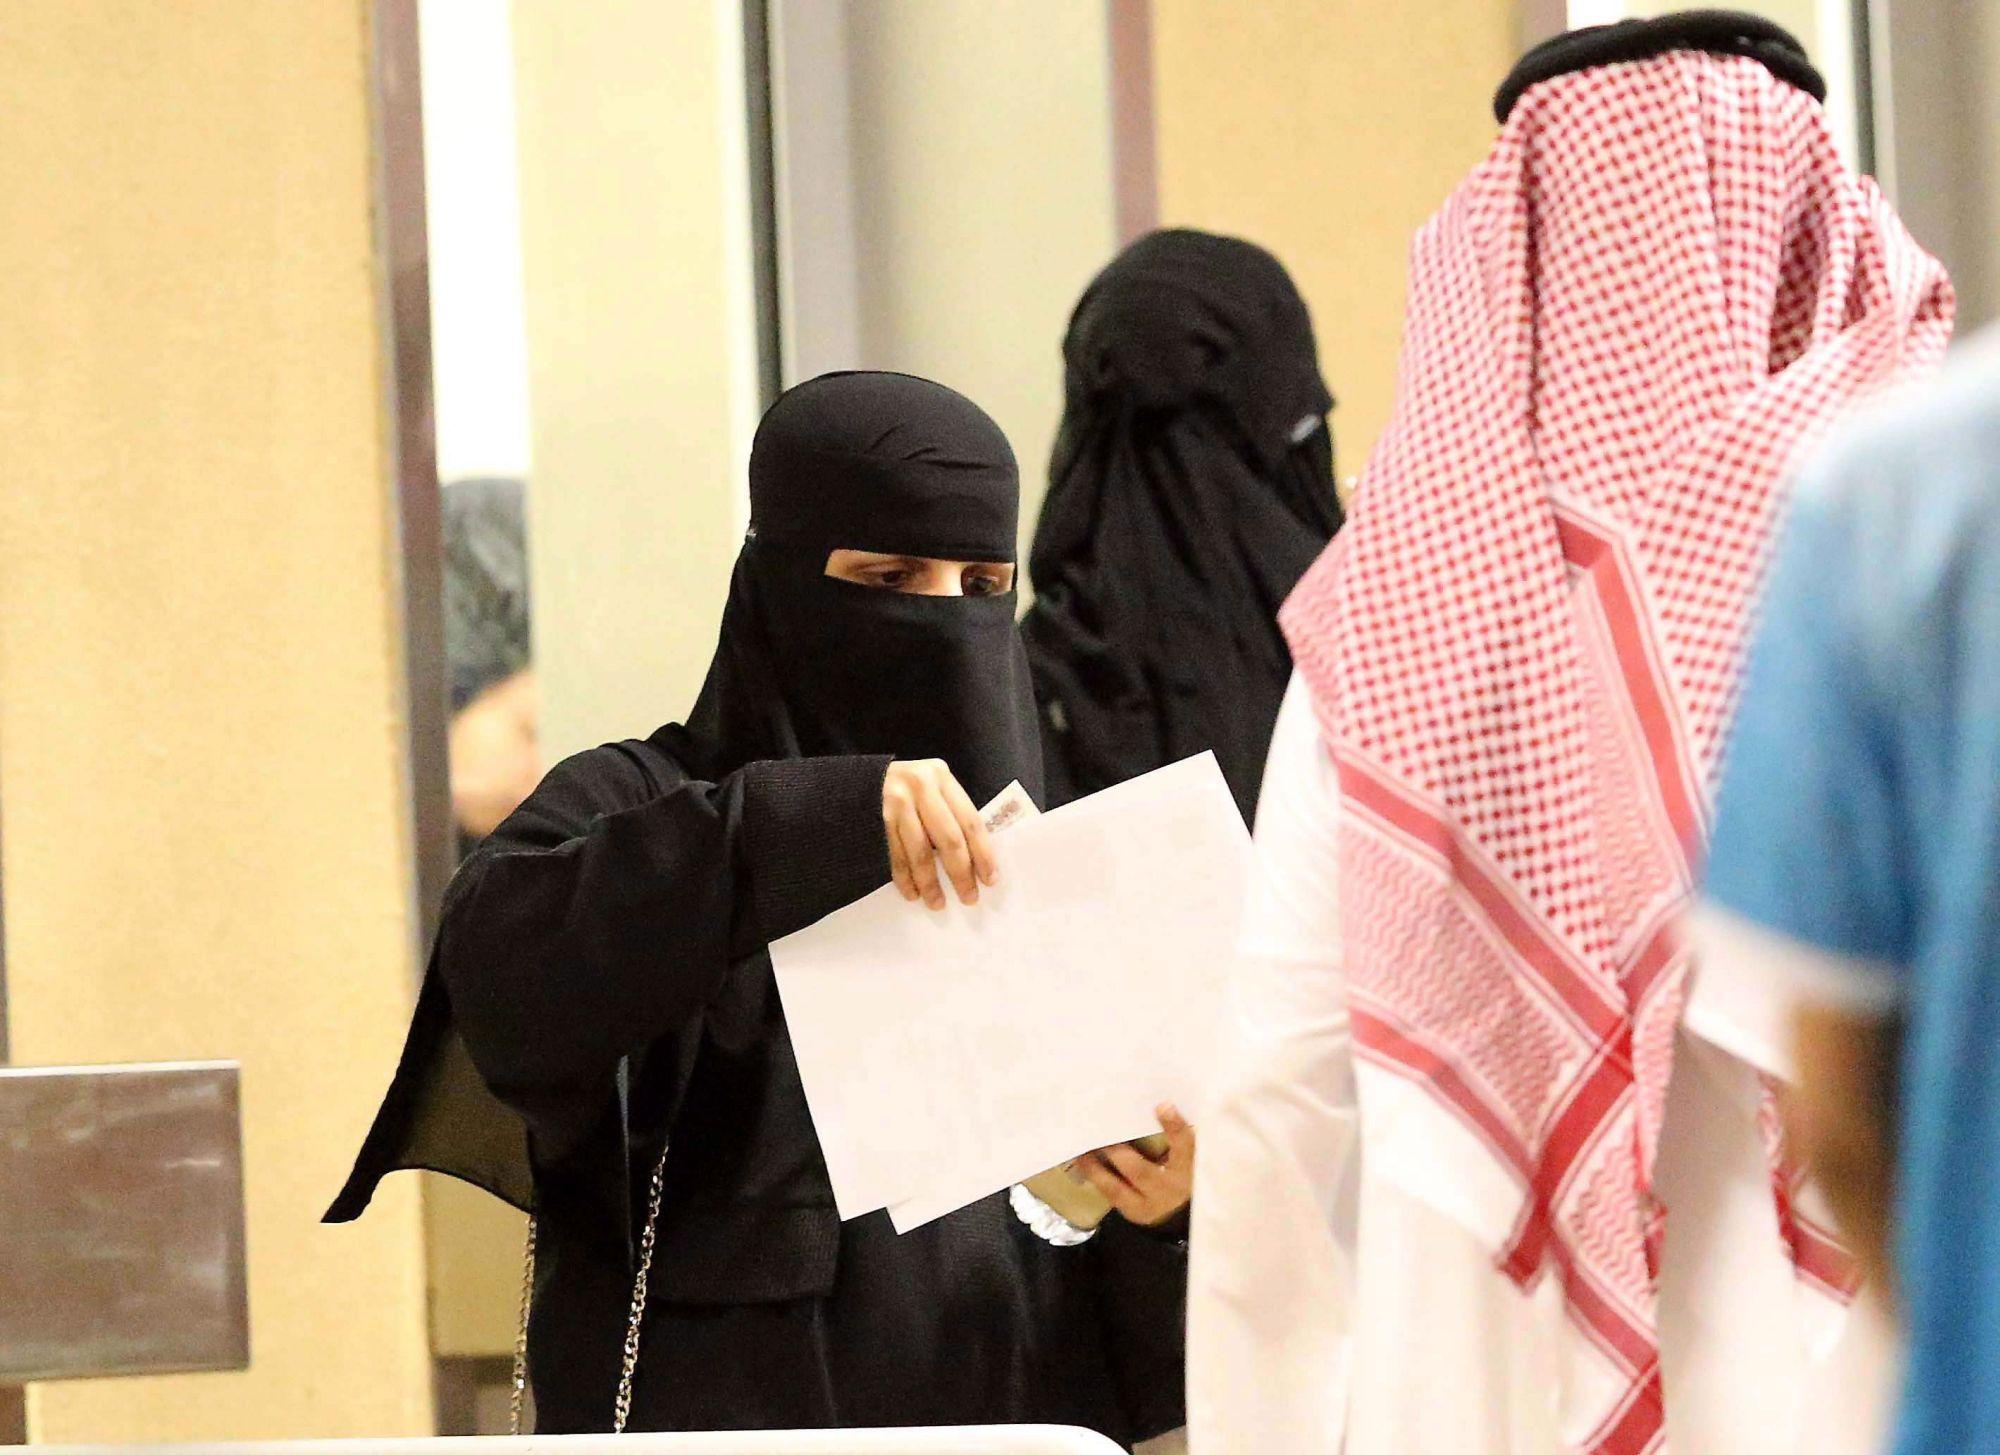 Nők érkeznek, hogy először nézhessenek meg a helyszínen egy labdarúgó-mérkőzést a dzsiddai Abdalláh Király Stadionban 2018. január 12-én. A szaúdi első osztályban szereplő al-Ahli és al-Batin bajnoki mérkőzésének jutott a történelmi szerep, hogy a muzulmán királyságban először nők jelenlétében játszották le. (MTI/EPA)